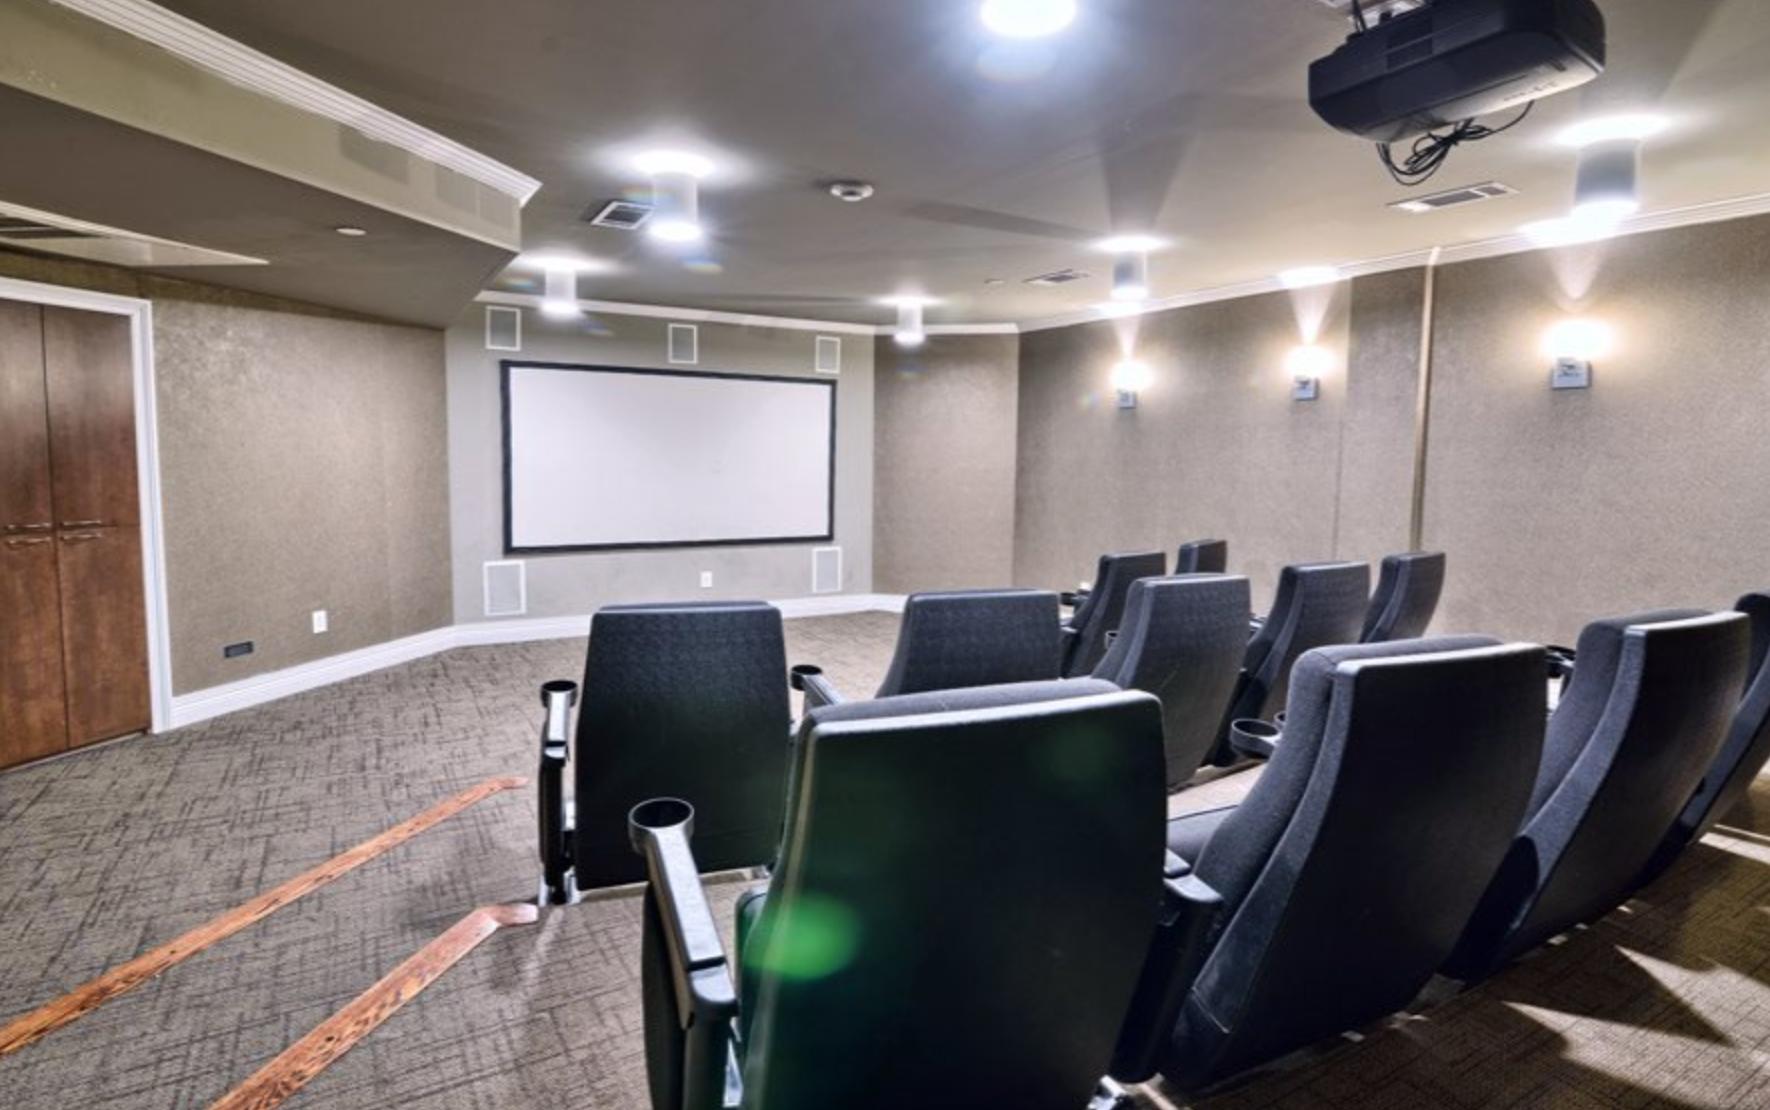 12 - Media Room